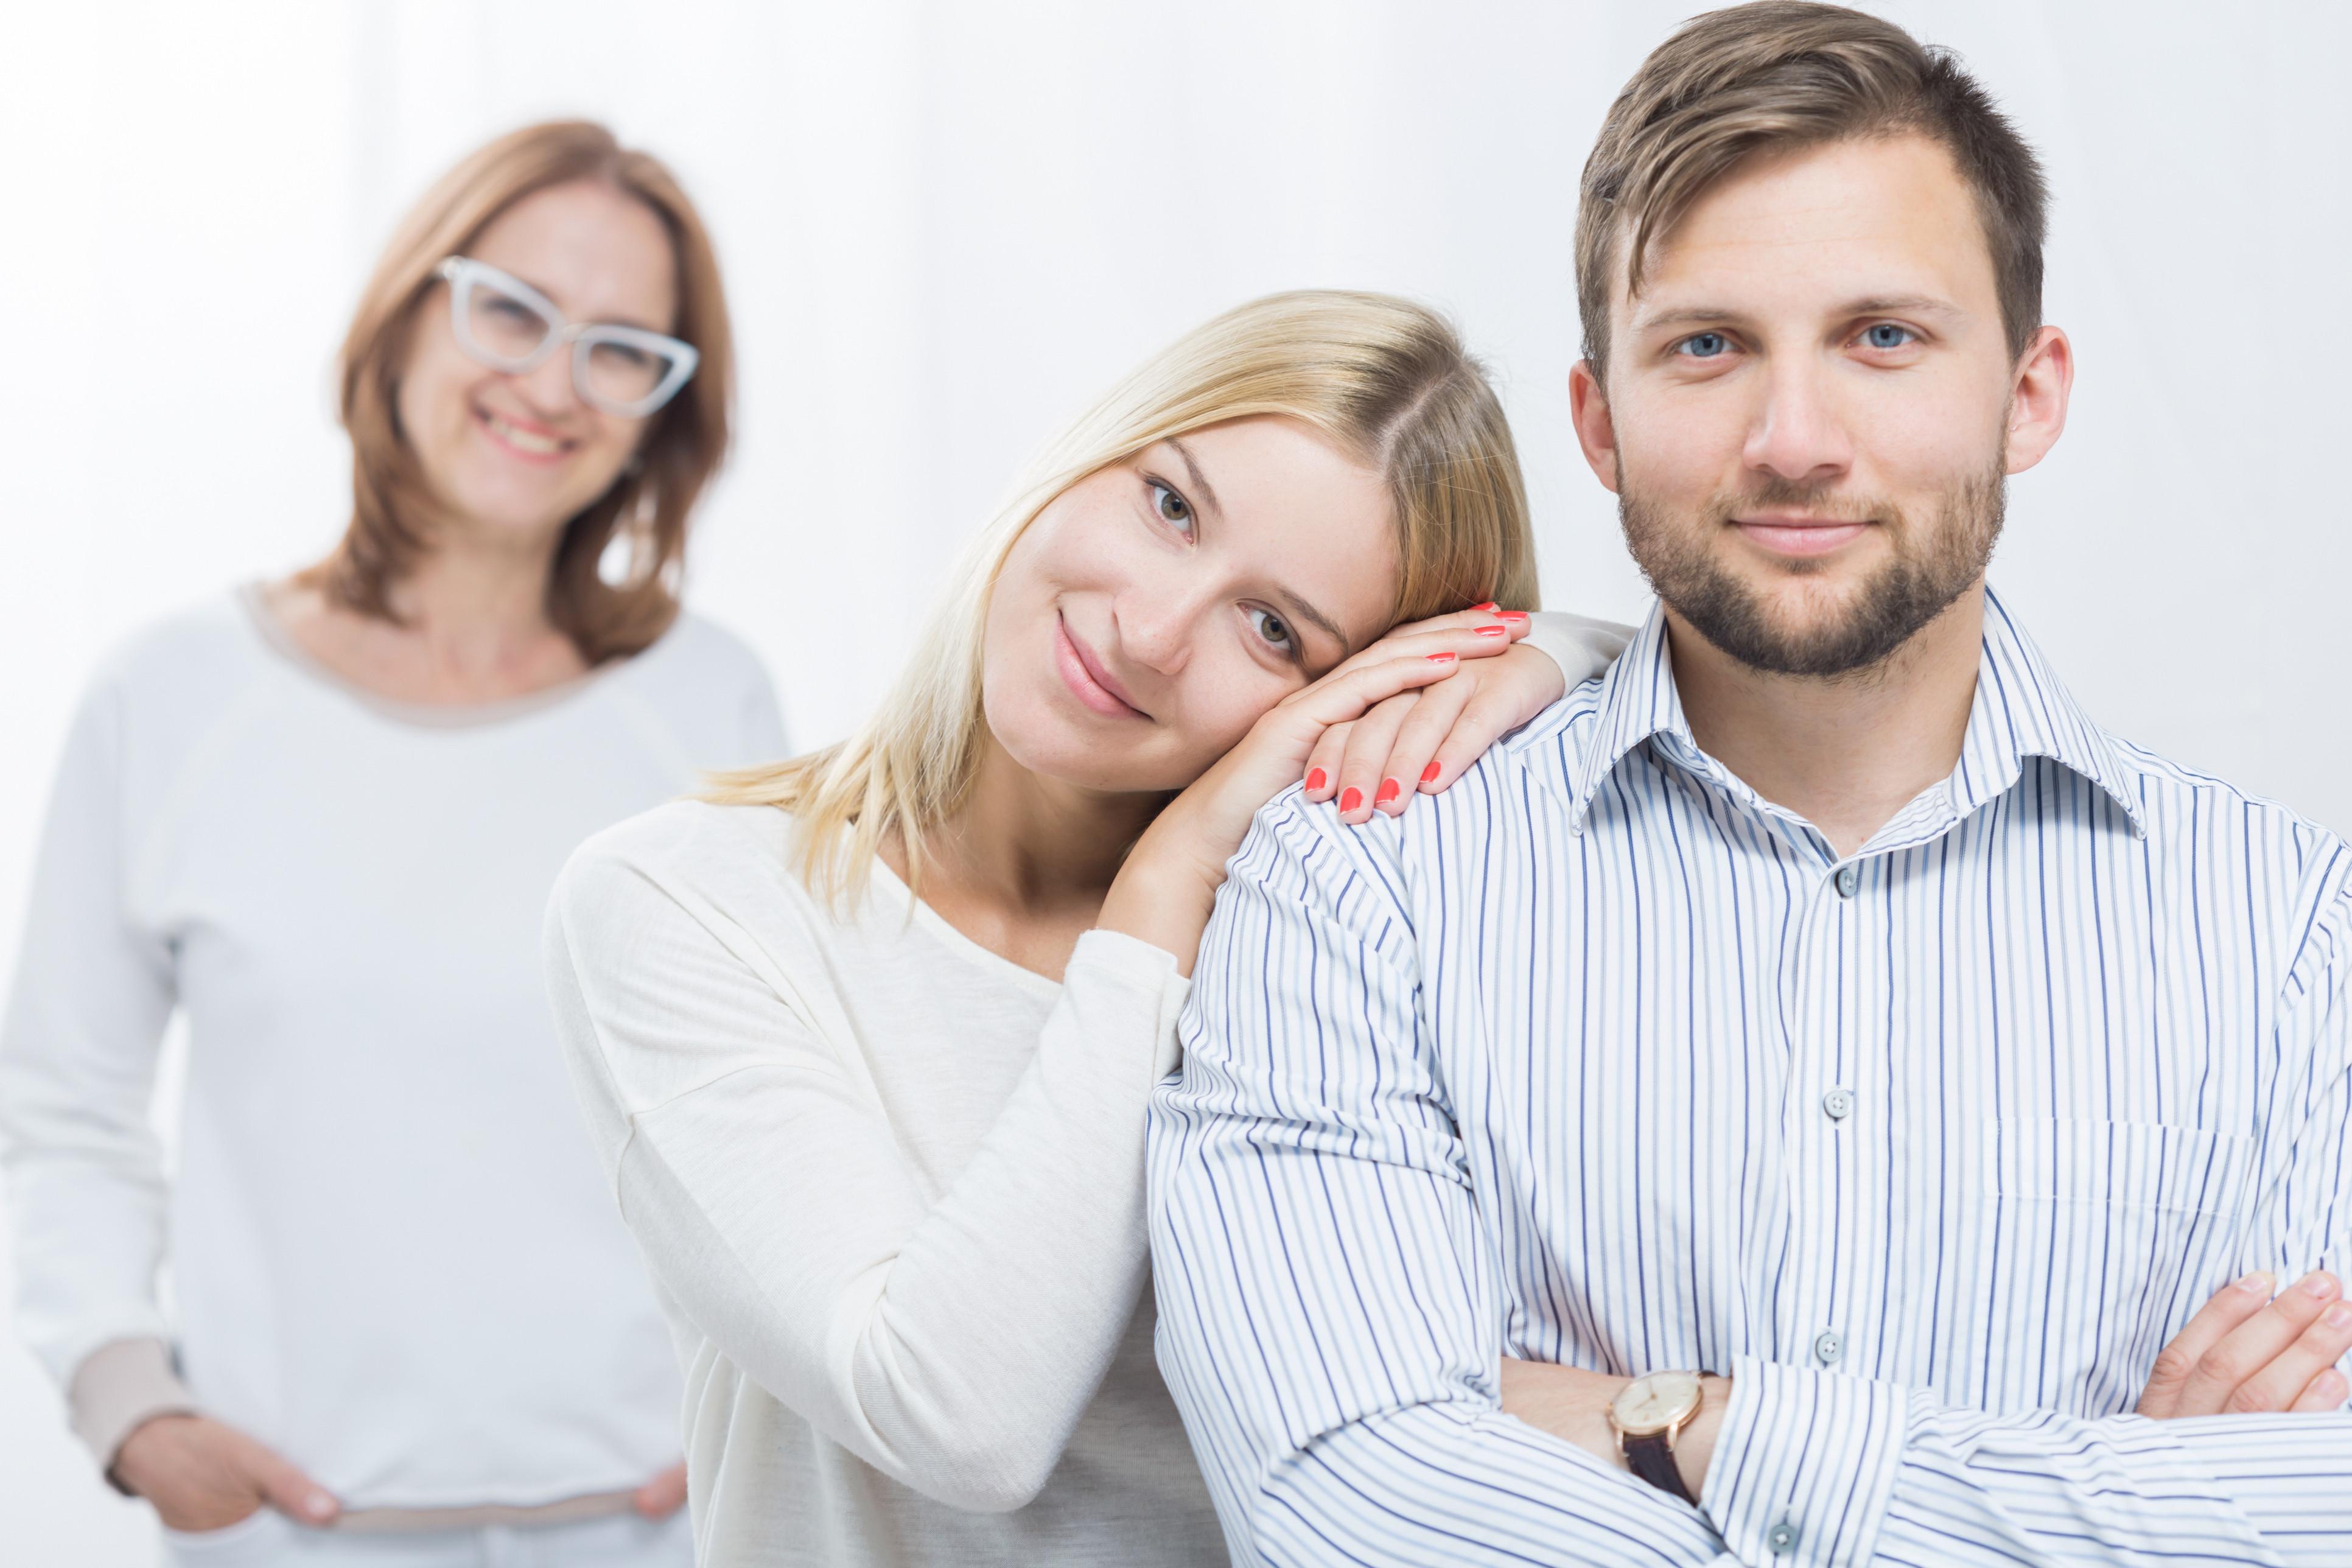 Quem quer casar com o meu filho? Homens preferem mulheres iguais às mães